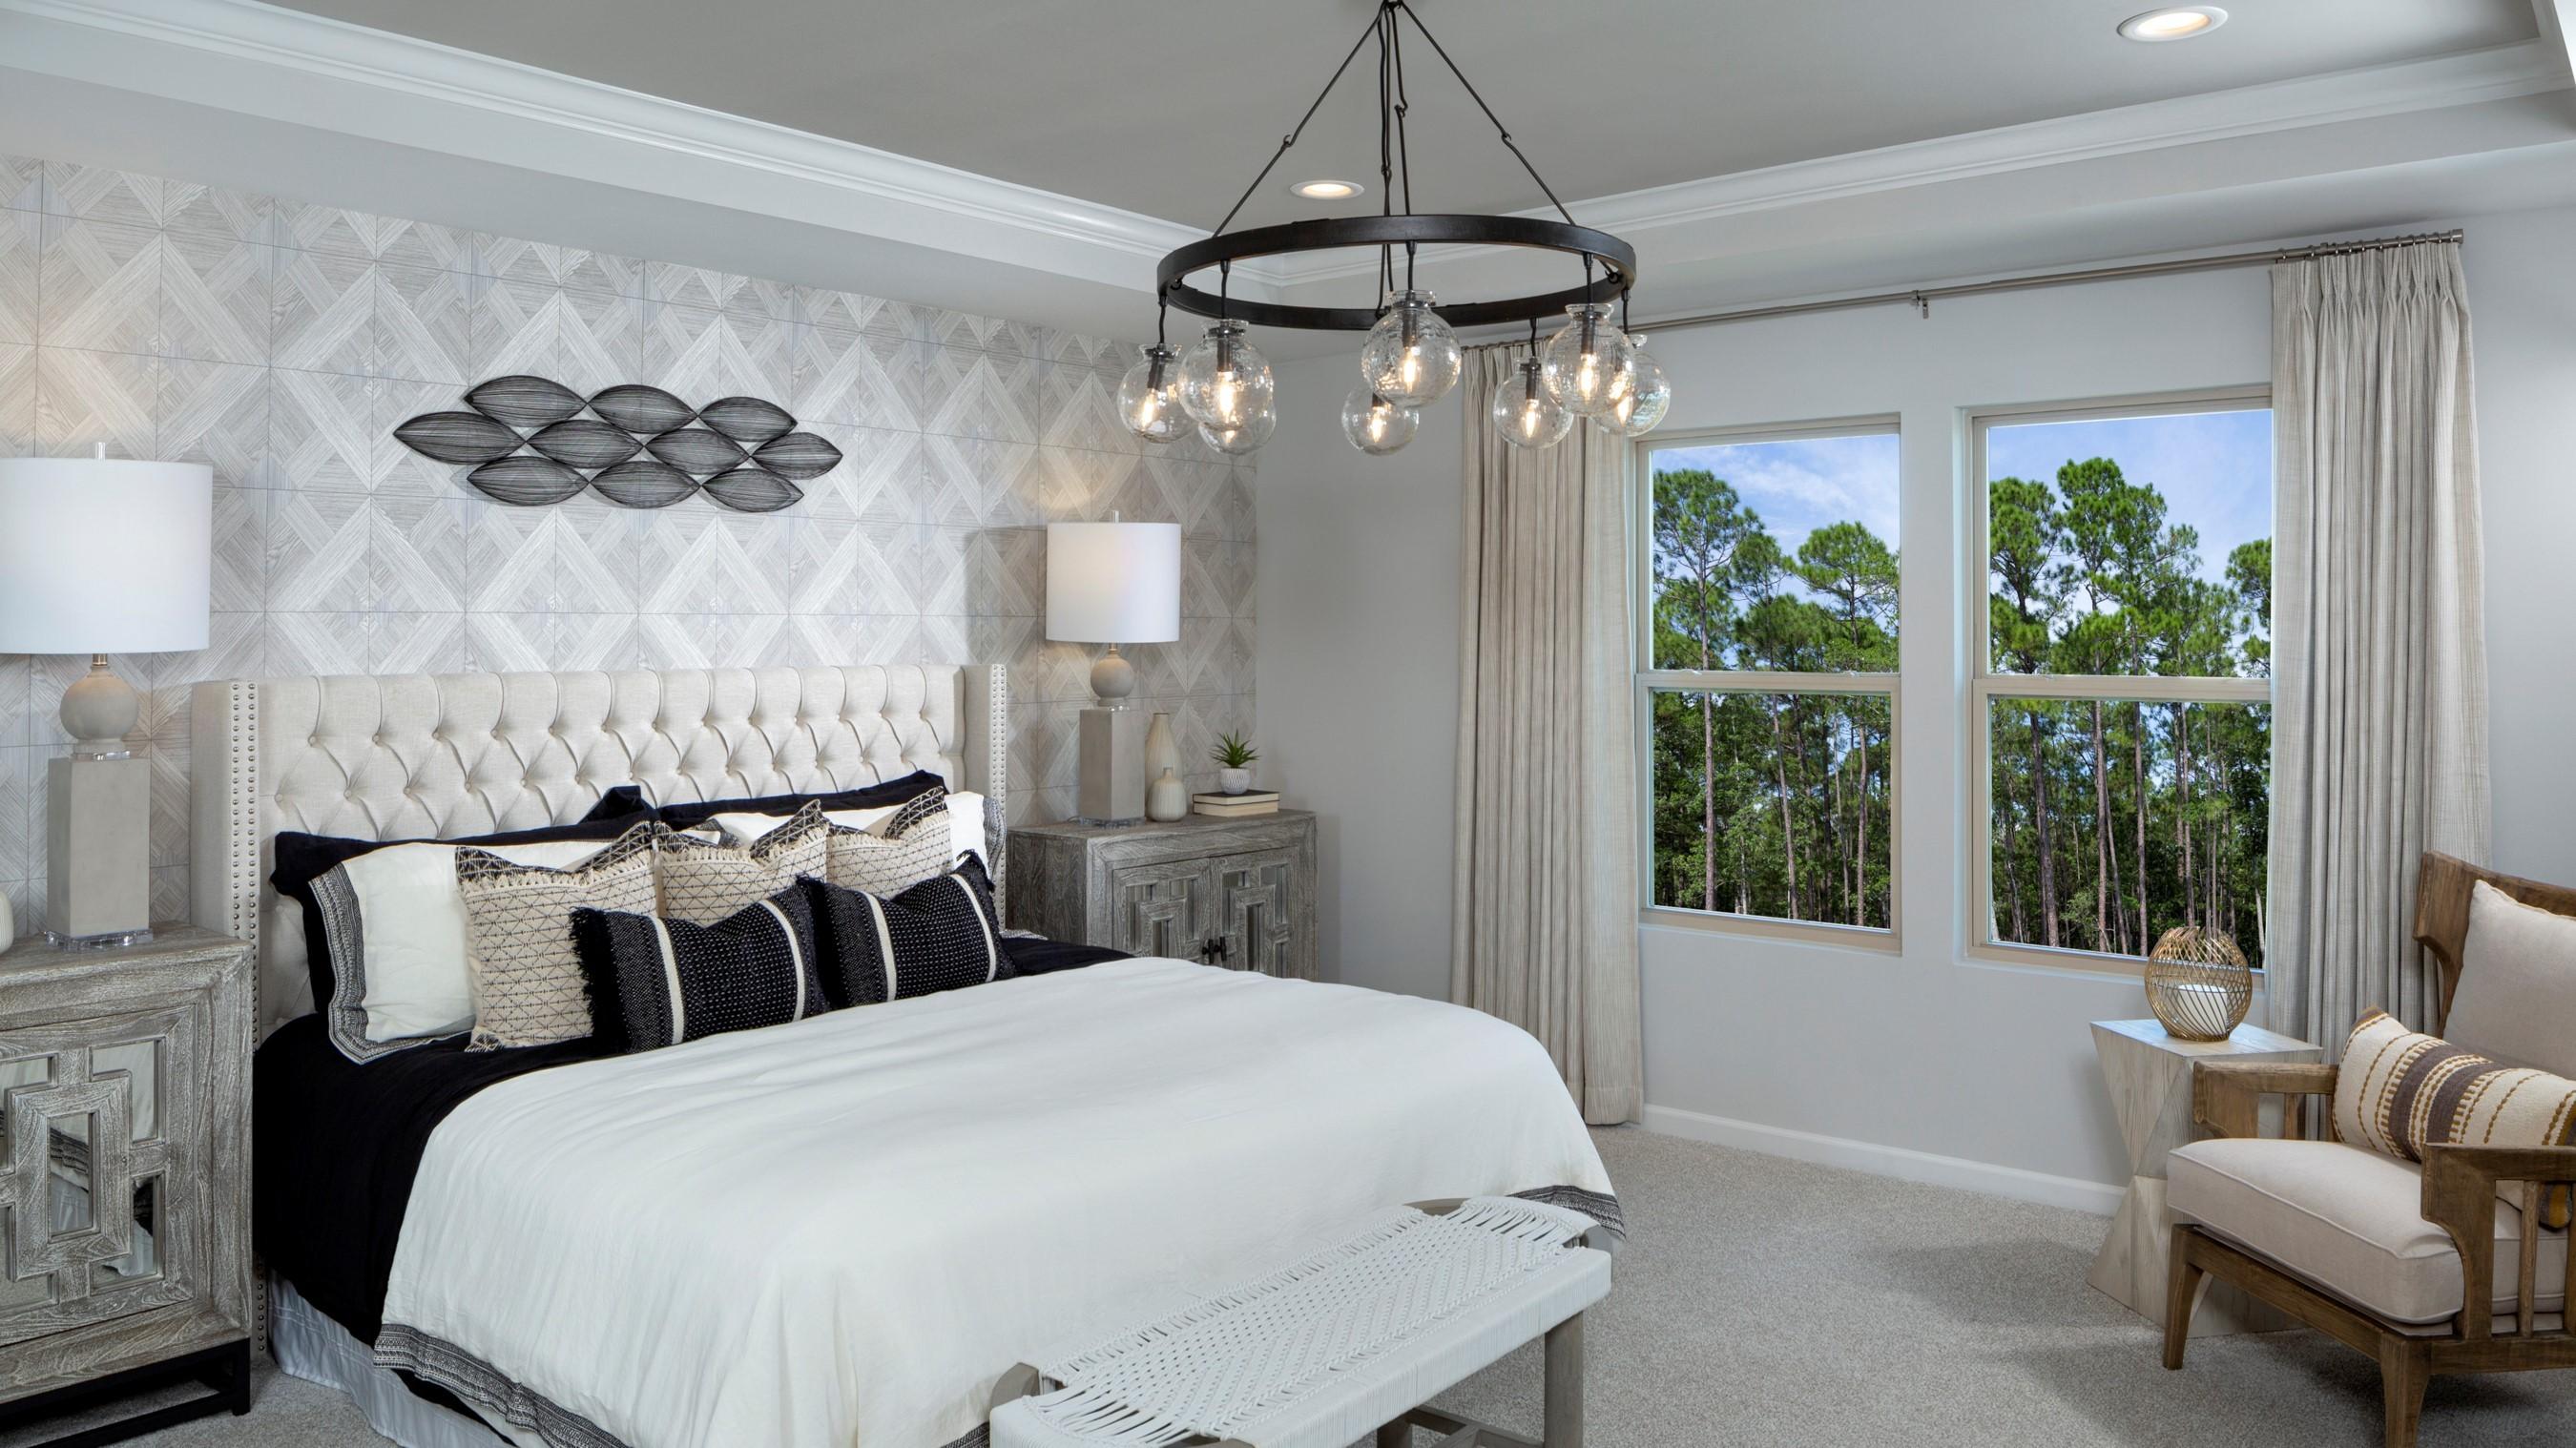 Braeburn_Parker_Model_Owners_Bedroom2_RHP_1024x512.jpg